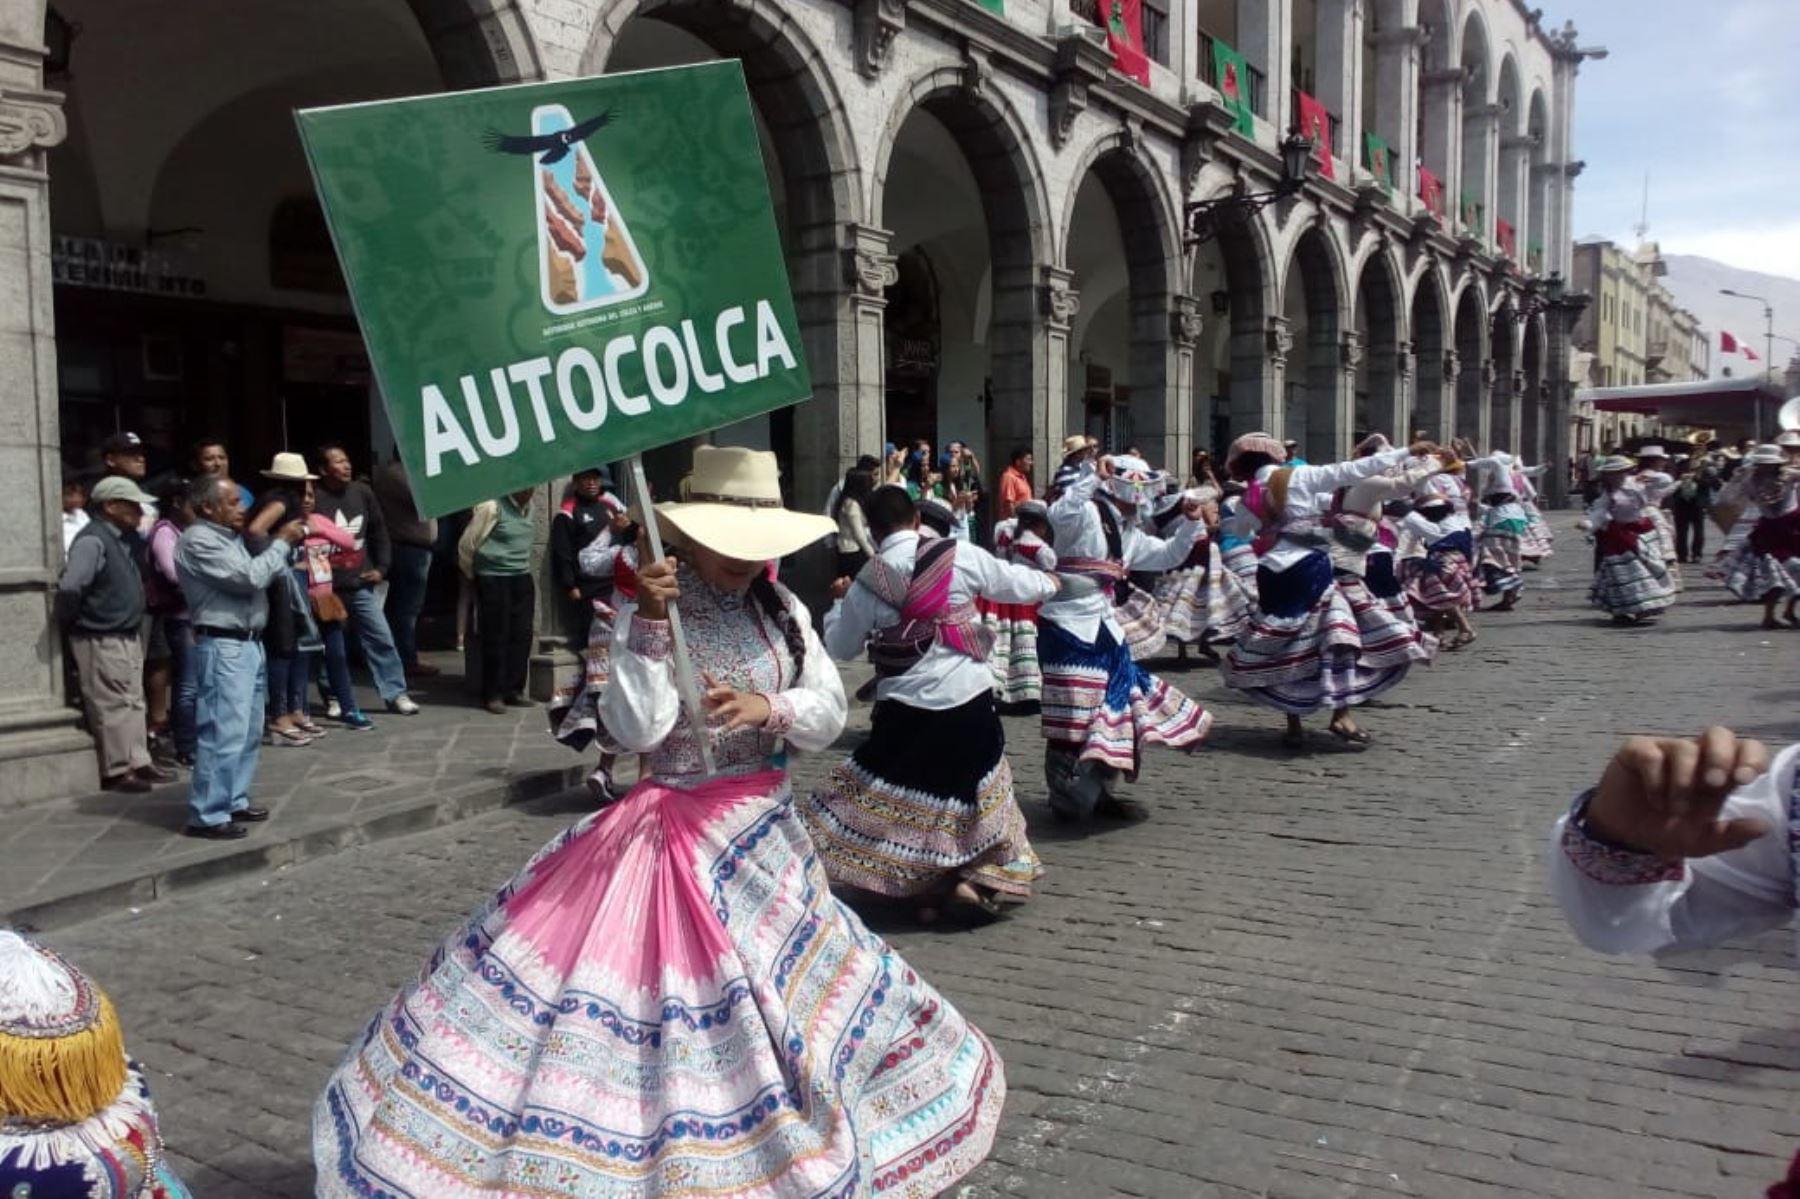 La plaza de armas de Arequipa fue escenario hoy de los festejos por el tercer aniversario de la declaratoria de la danza del wititi como Patrimonio Cultural Inmaterial de la Humanidad por la Unesco.